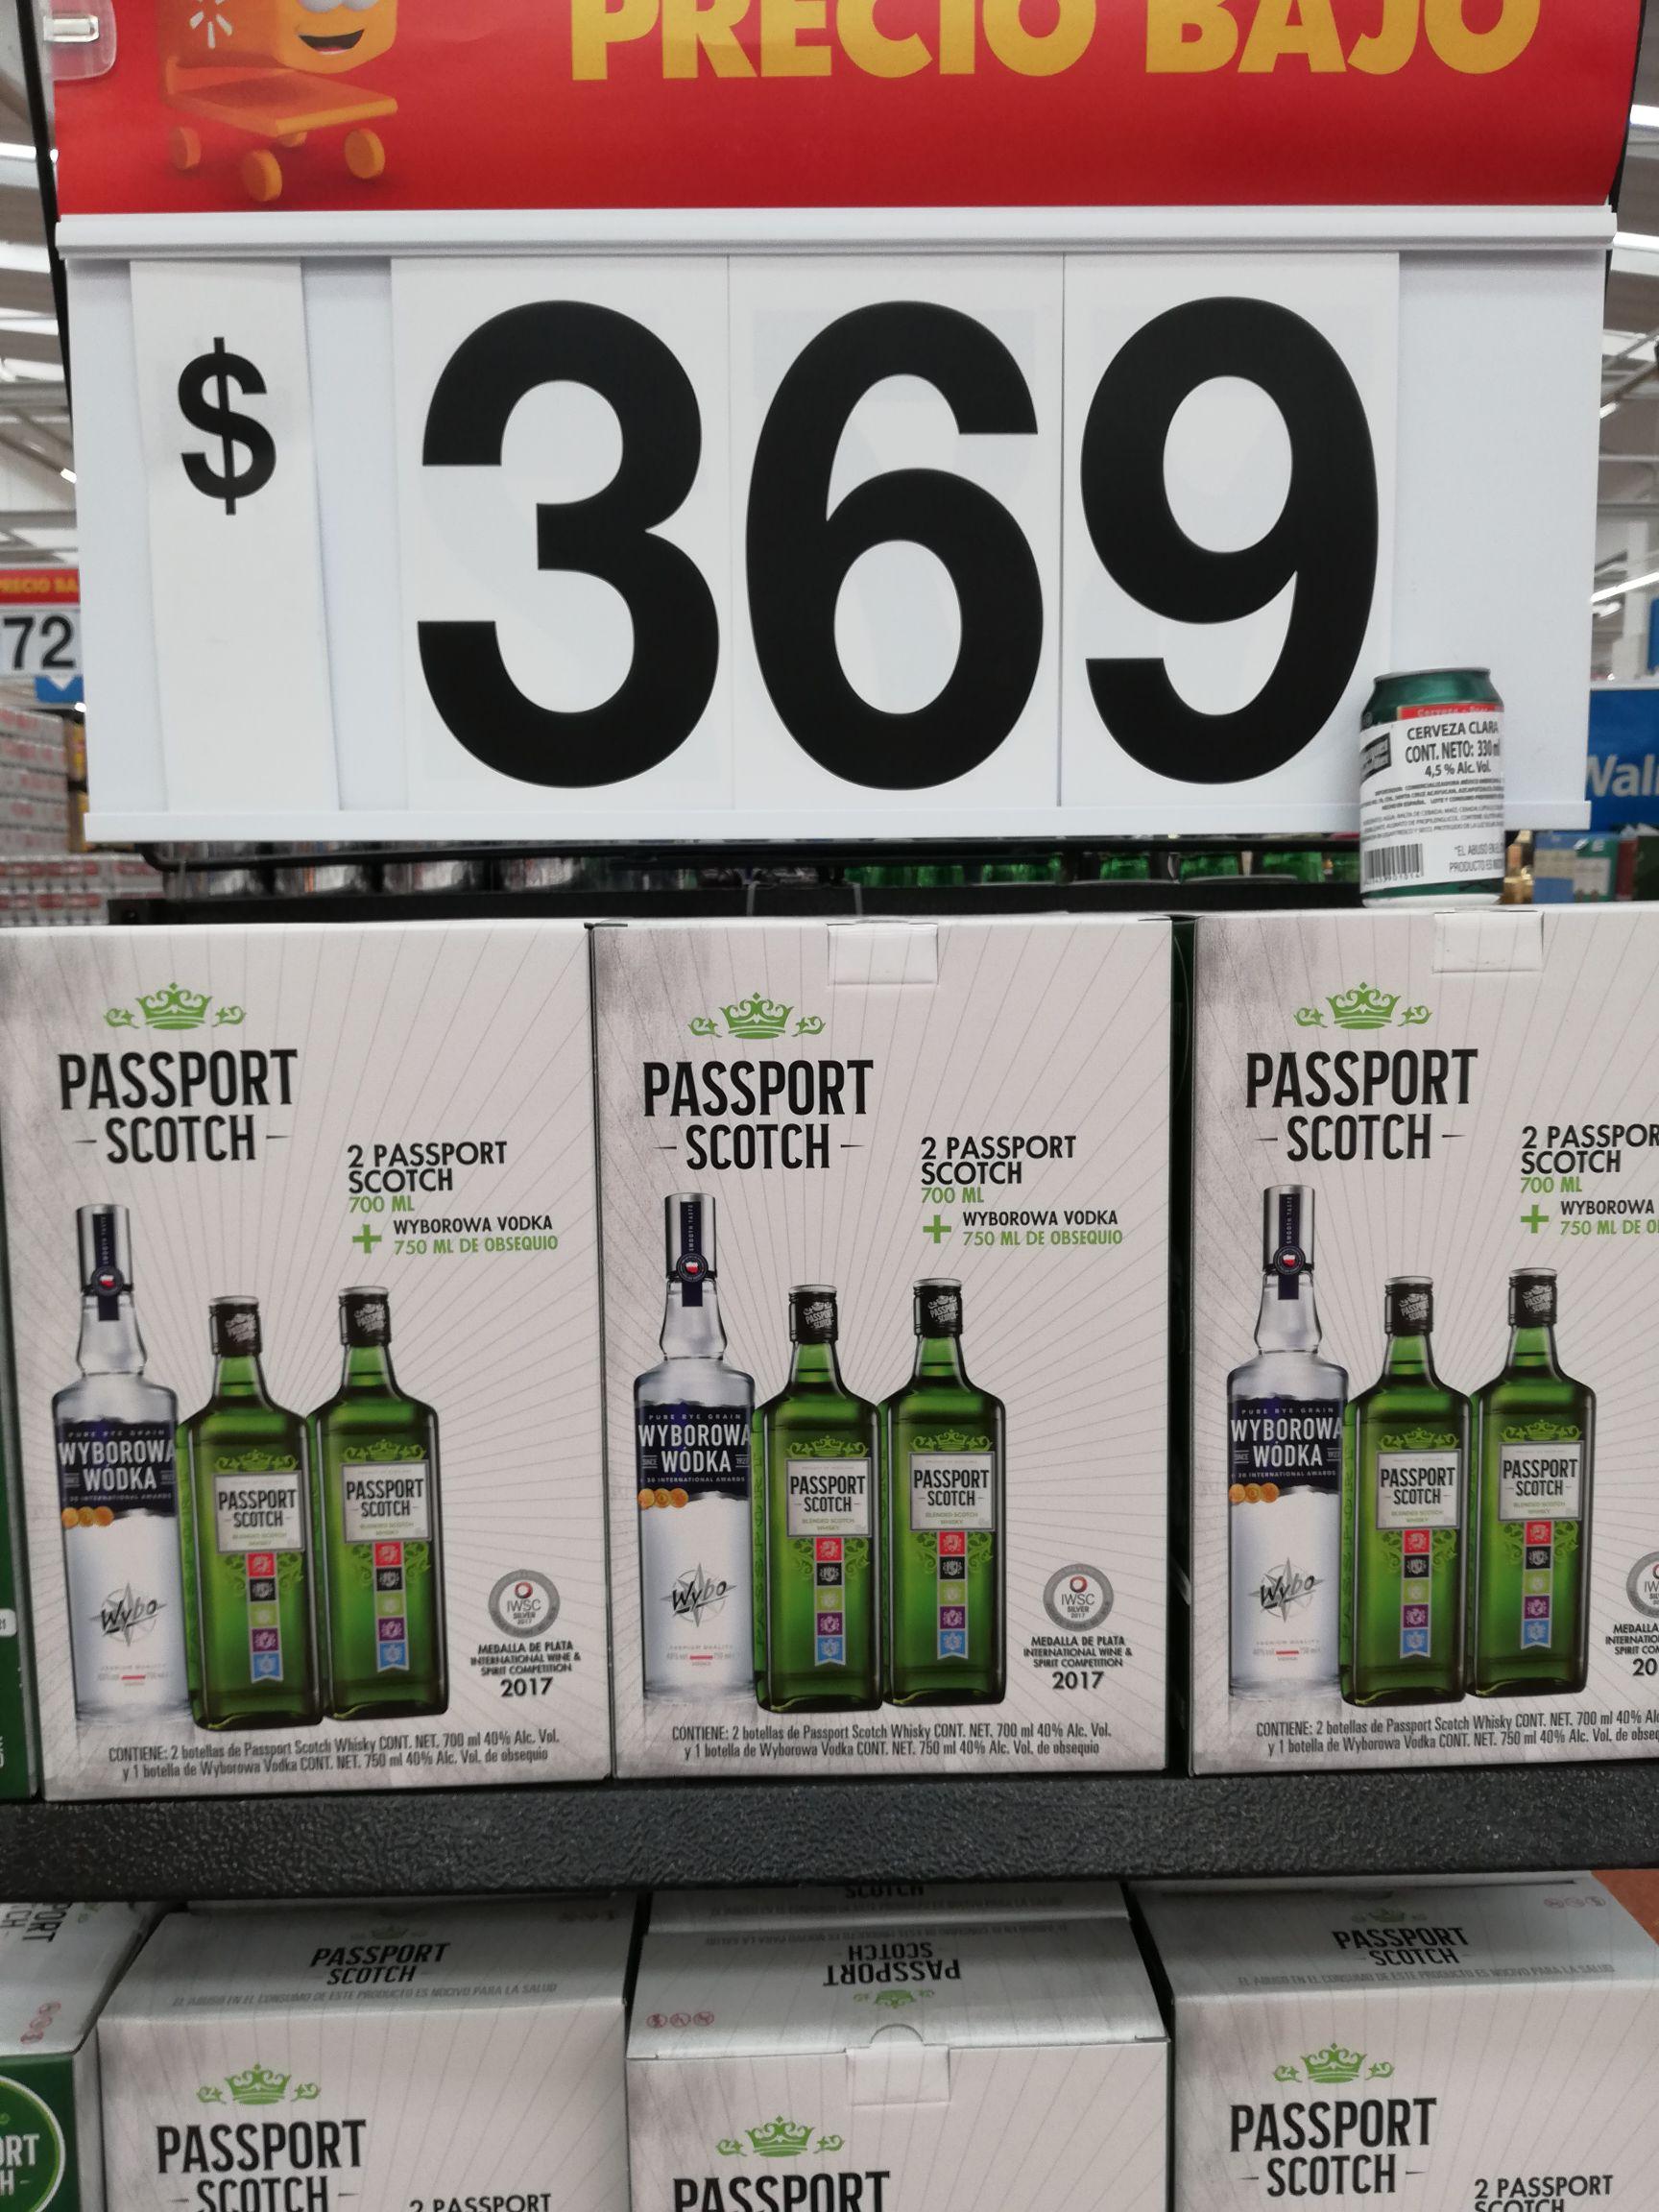 Walmart: 2 whiskey passport 700ml. + 1 vodka wyborowa 750ml